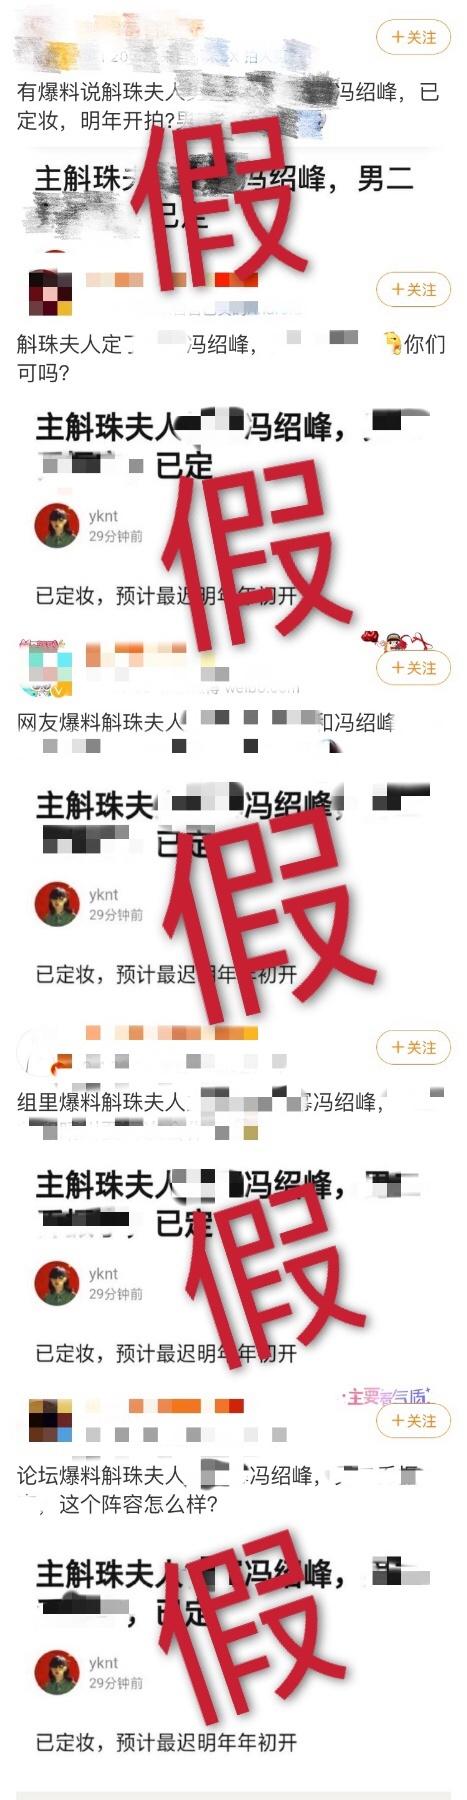 冯绍峰被曝将出演《斛珠夫人》_工作室发文辟谣